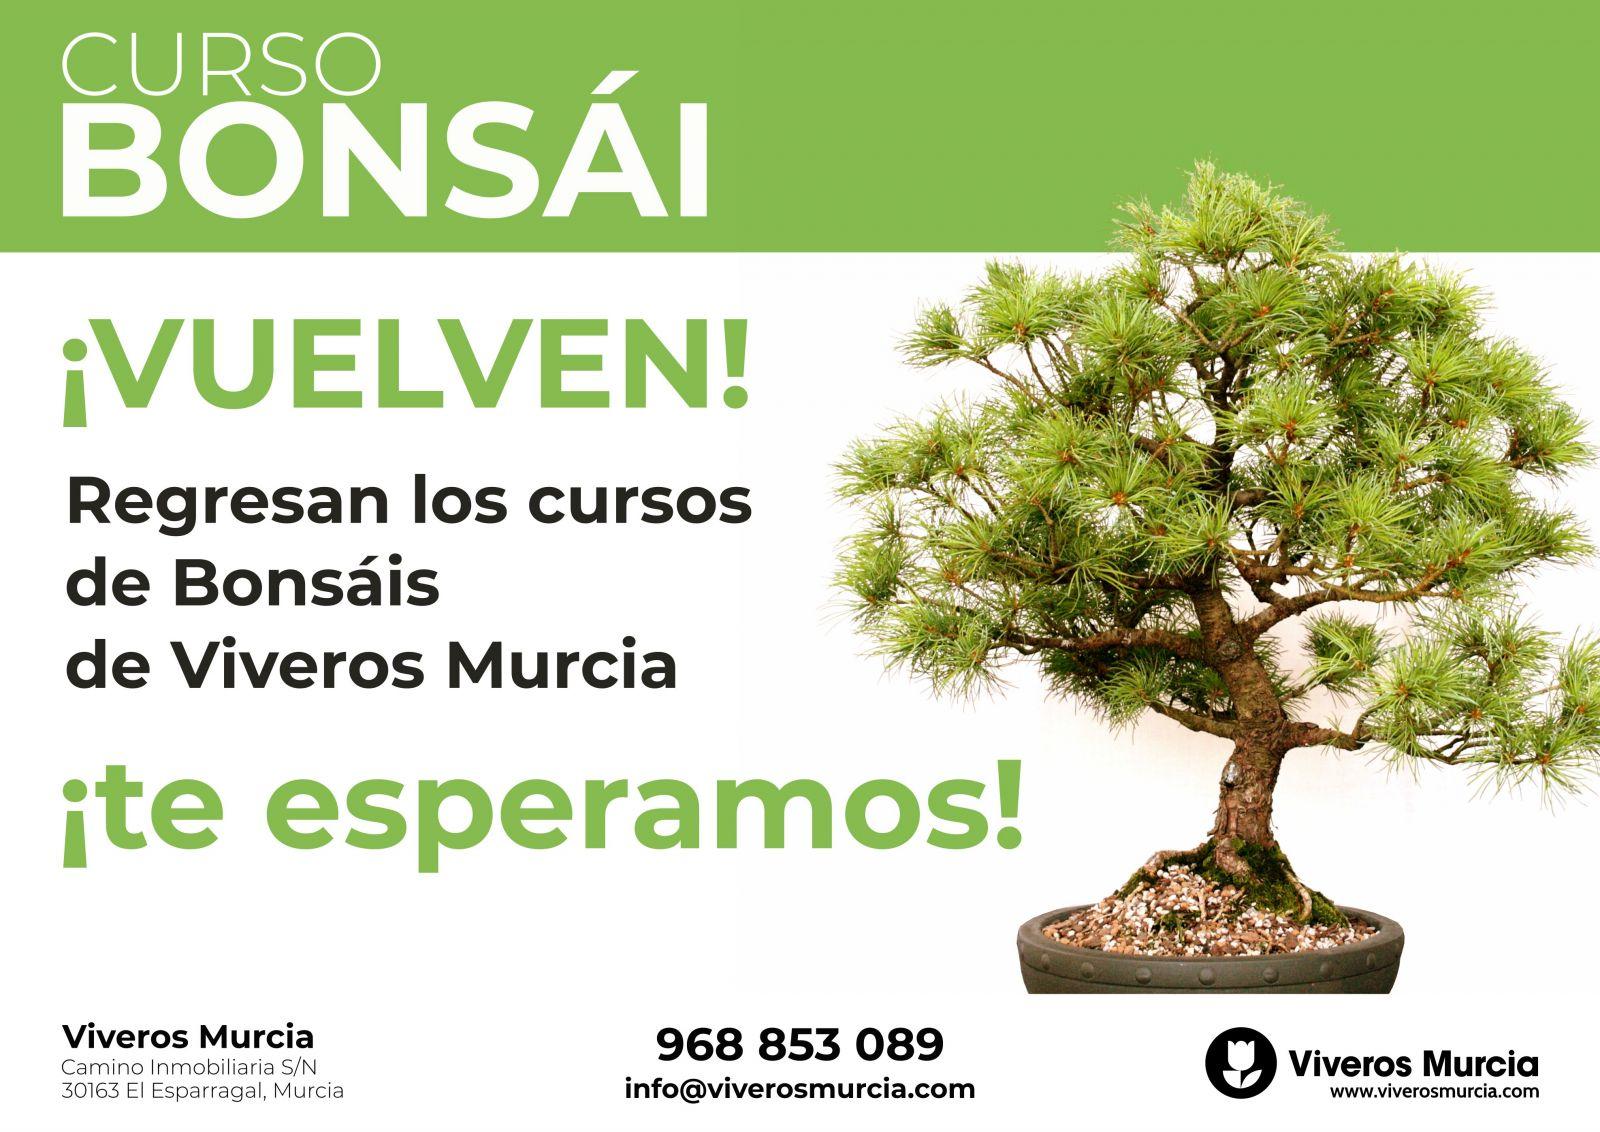 Regresan los cursos de Bonsái de Viveros Murcia